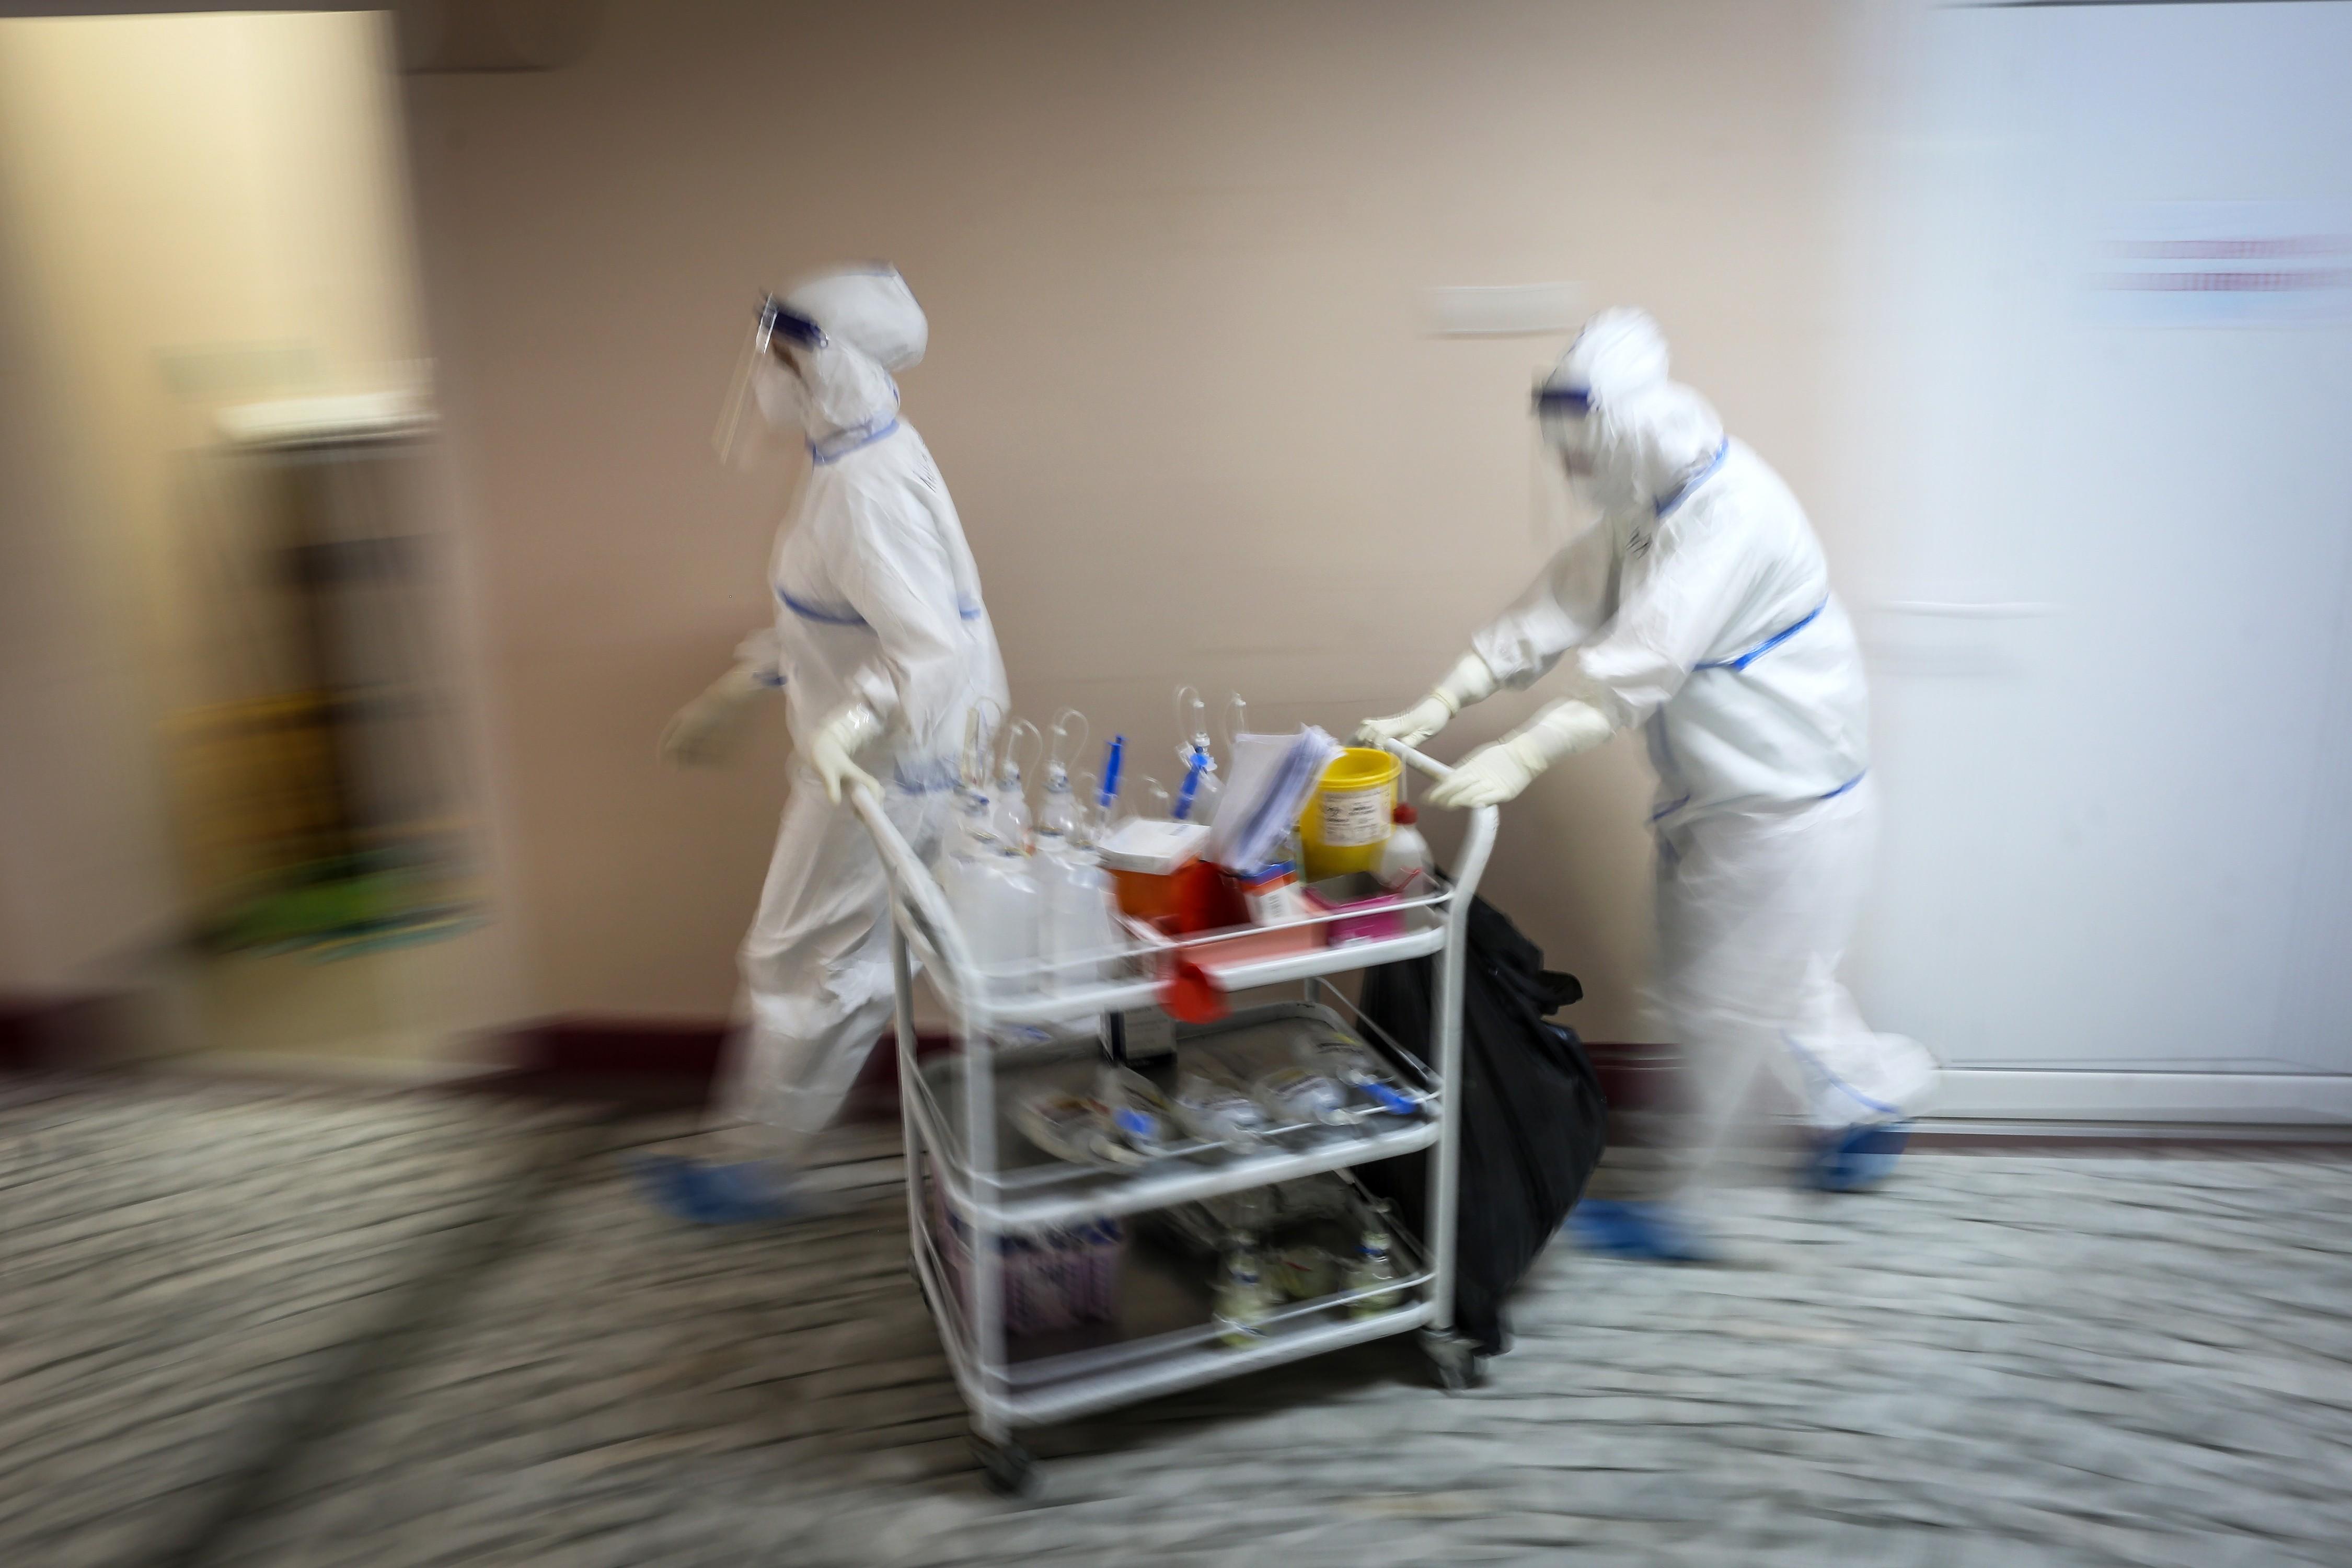 Sérvia entra em colapso do sistema de saúde pela Covid-19, alertam médicos